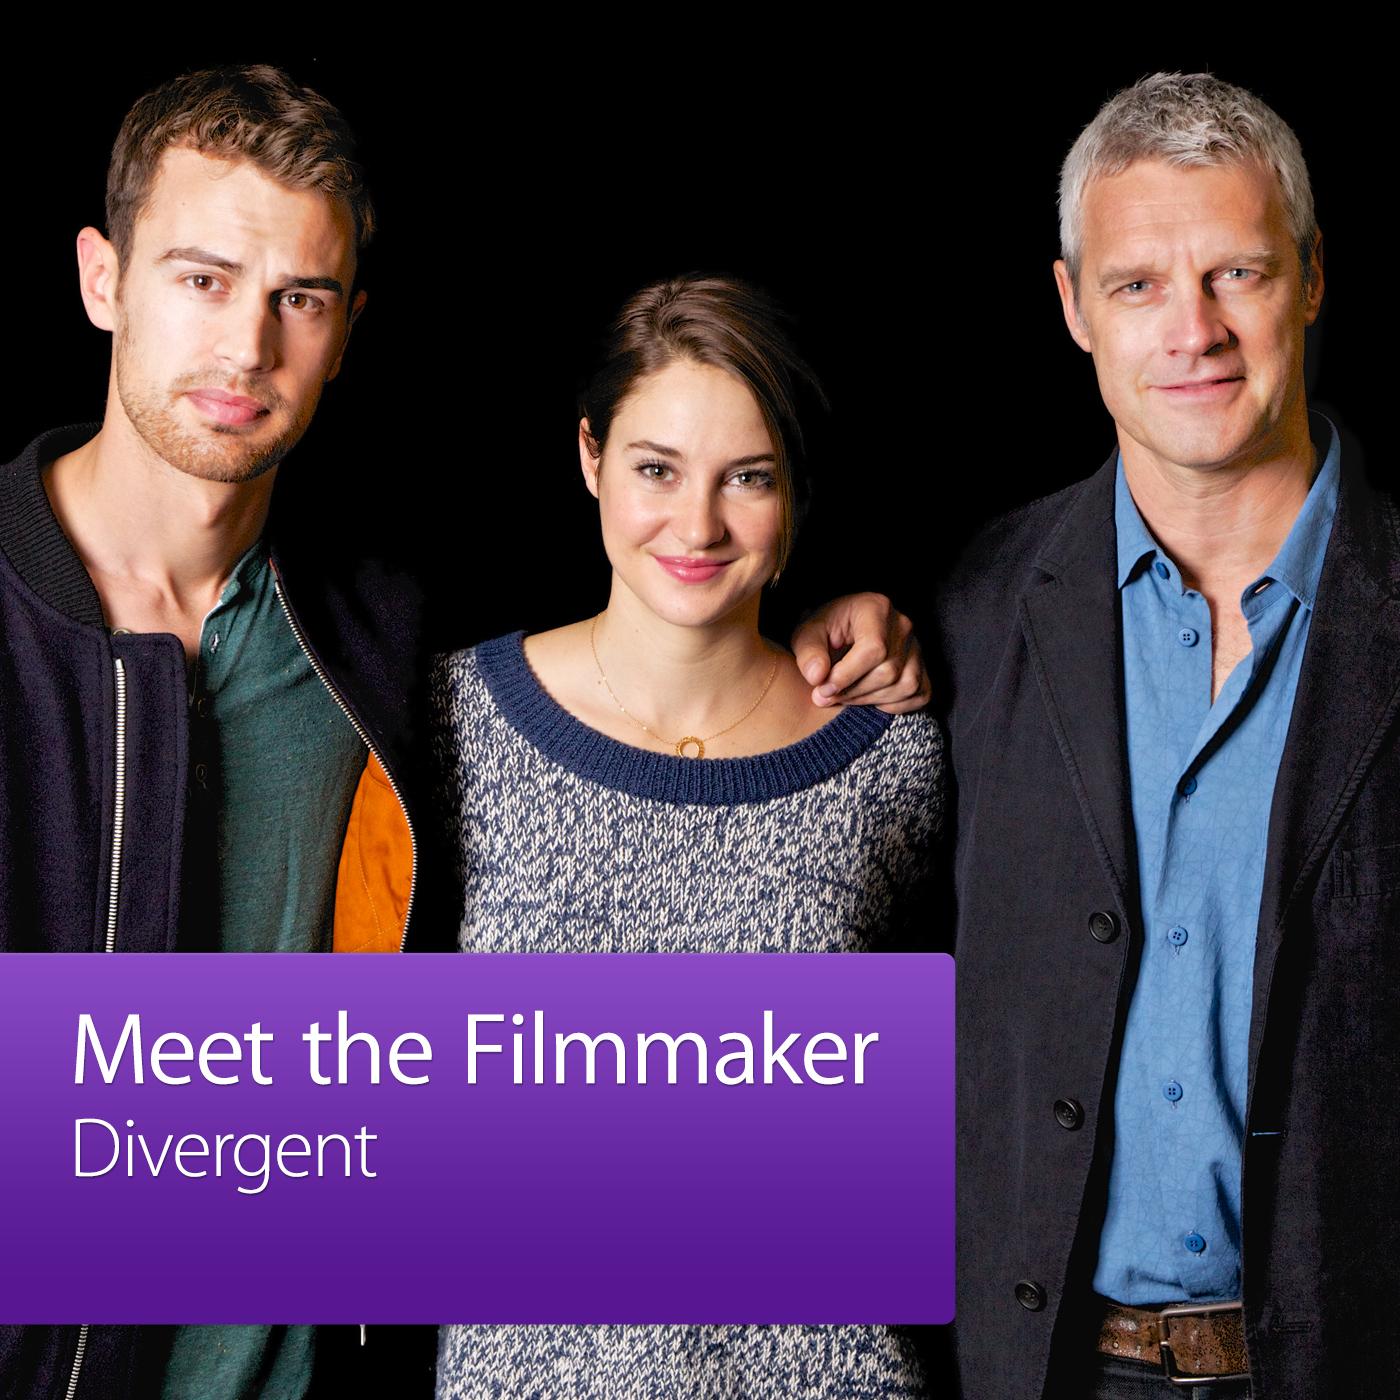 Divergent: Meet the Filmmaker